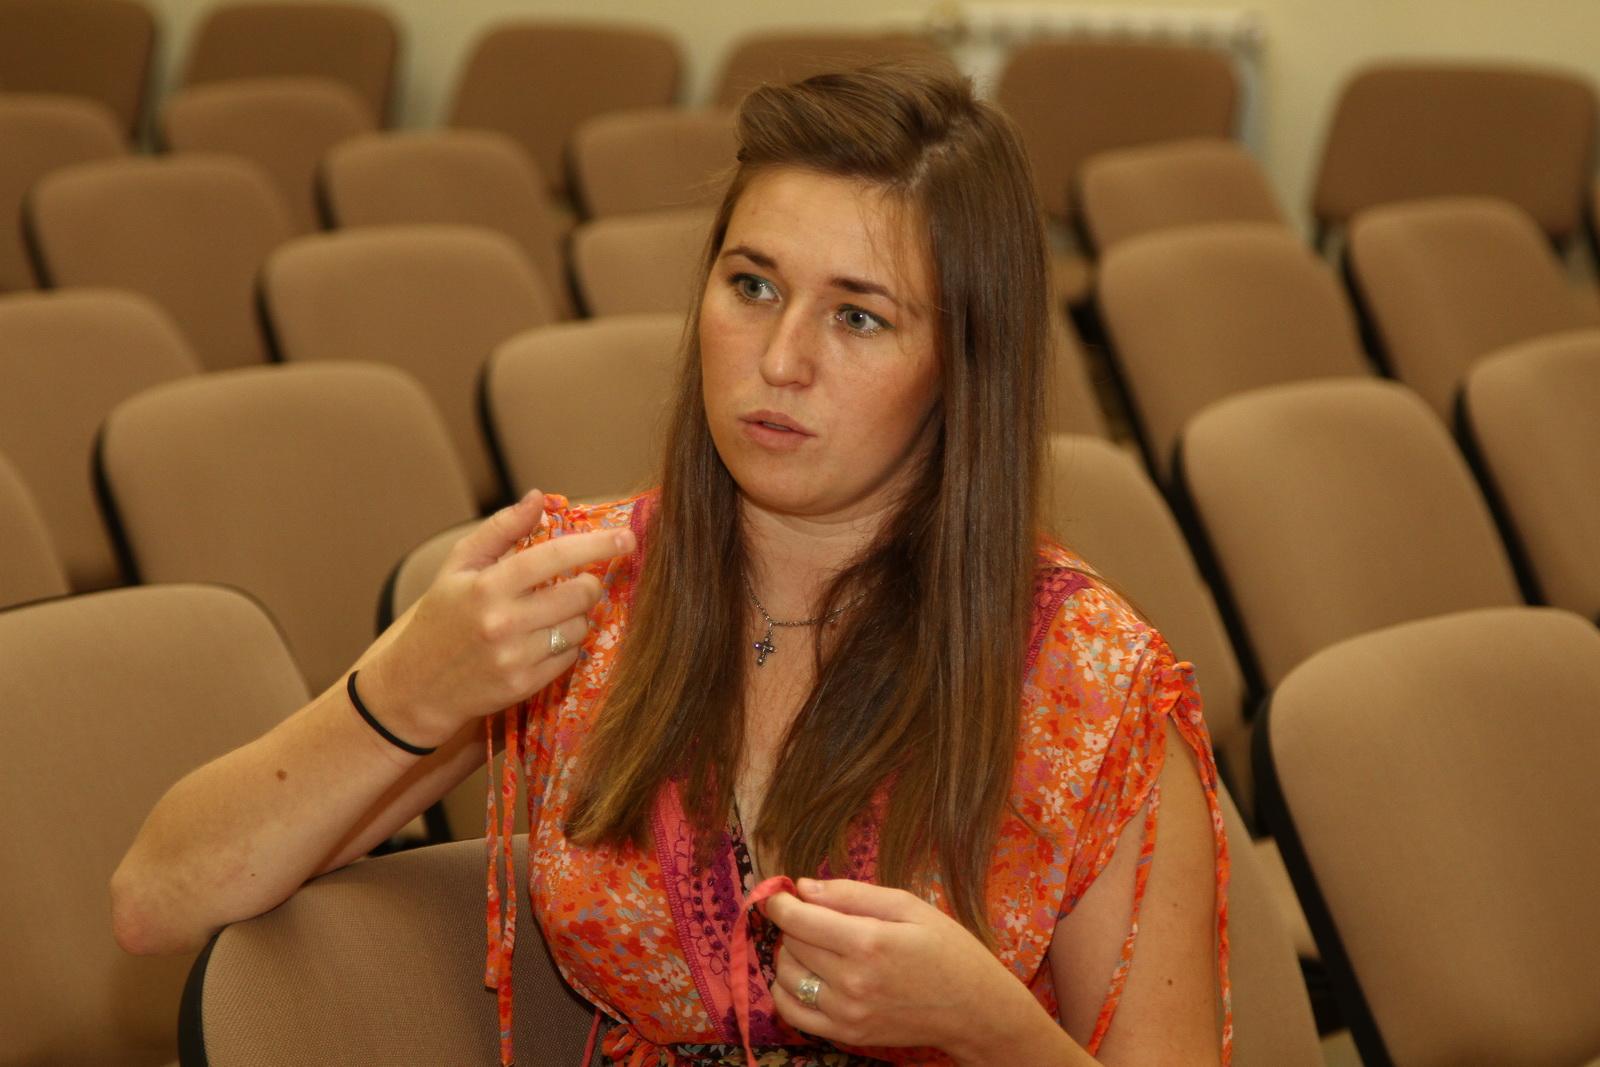 Таня Павлова, театр «Игра»: «Подростки знакомятся в Сети, чтобы заниматься сексом за деньги»